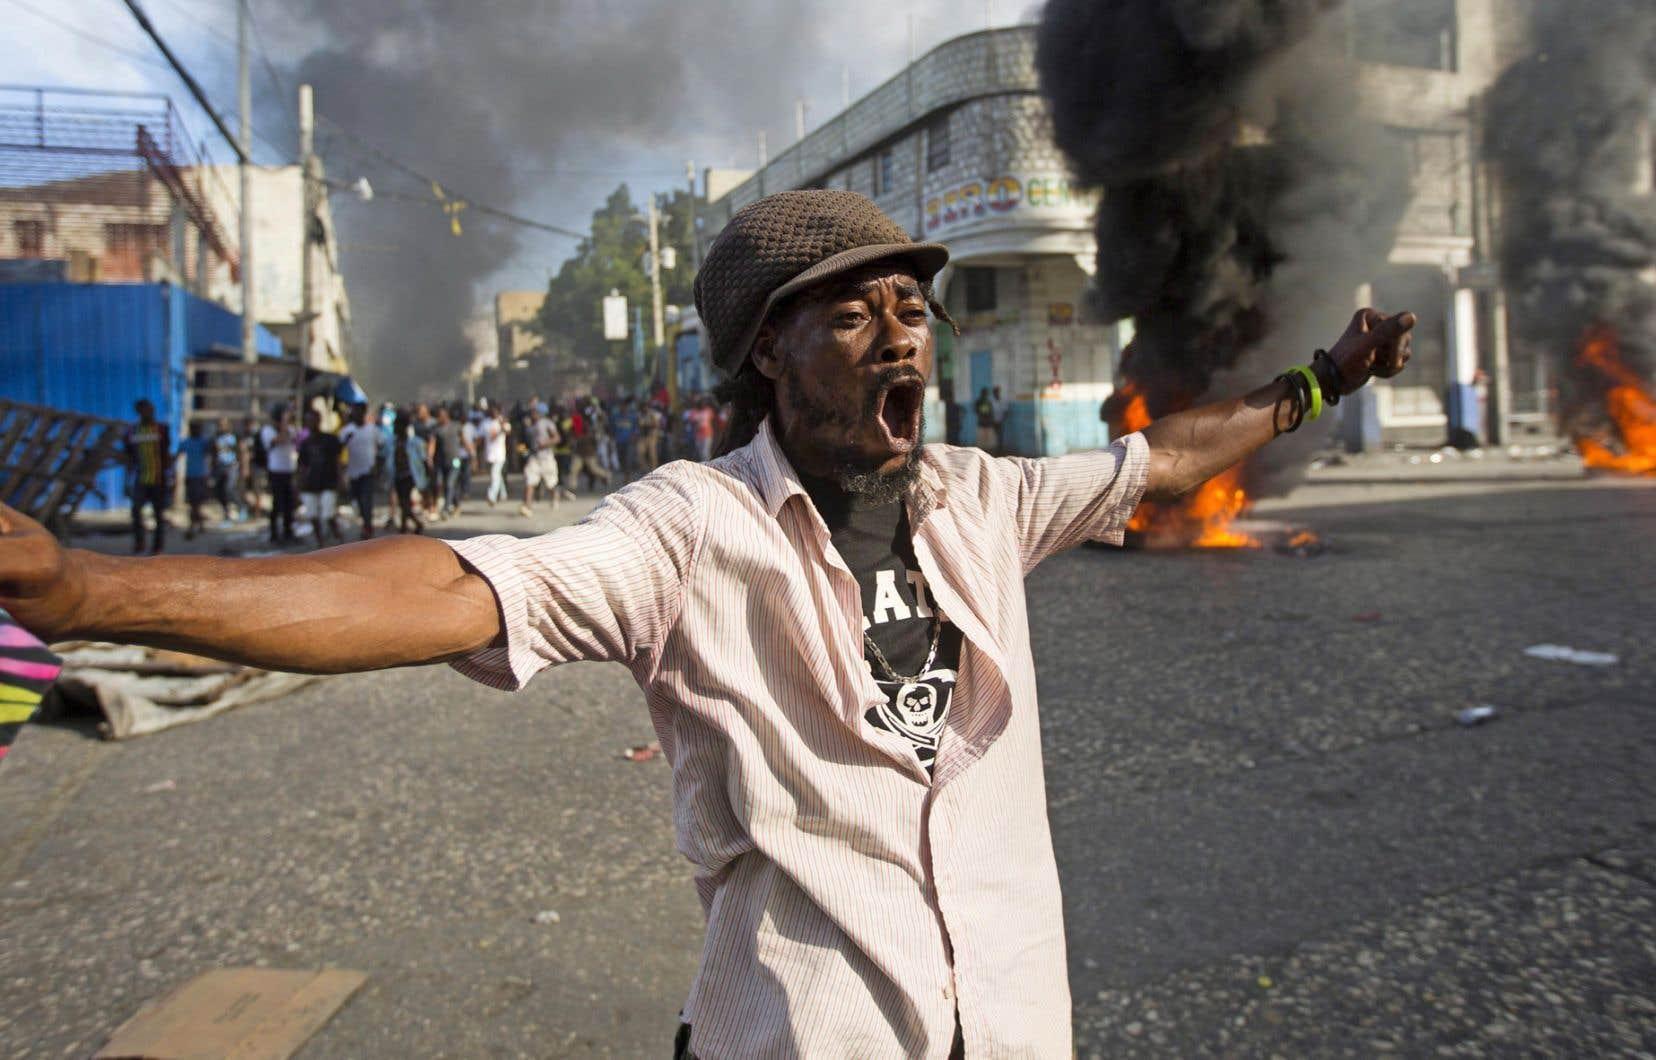 Selon la police nationale, trois personnes ont été tuées par balle au cours de ces mobilisations citoyennes réunissant plusieurs milliers de personnes dimanche, l'opposition évoquant de son côté un bilan de onze morts à travers le pays.